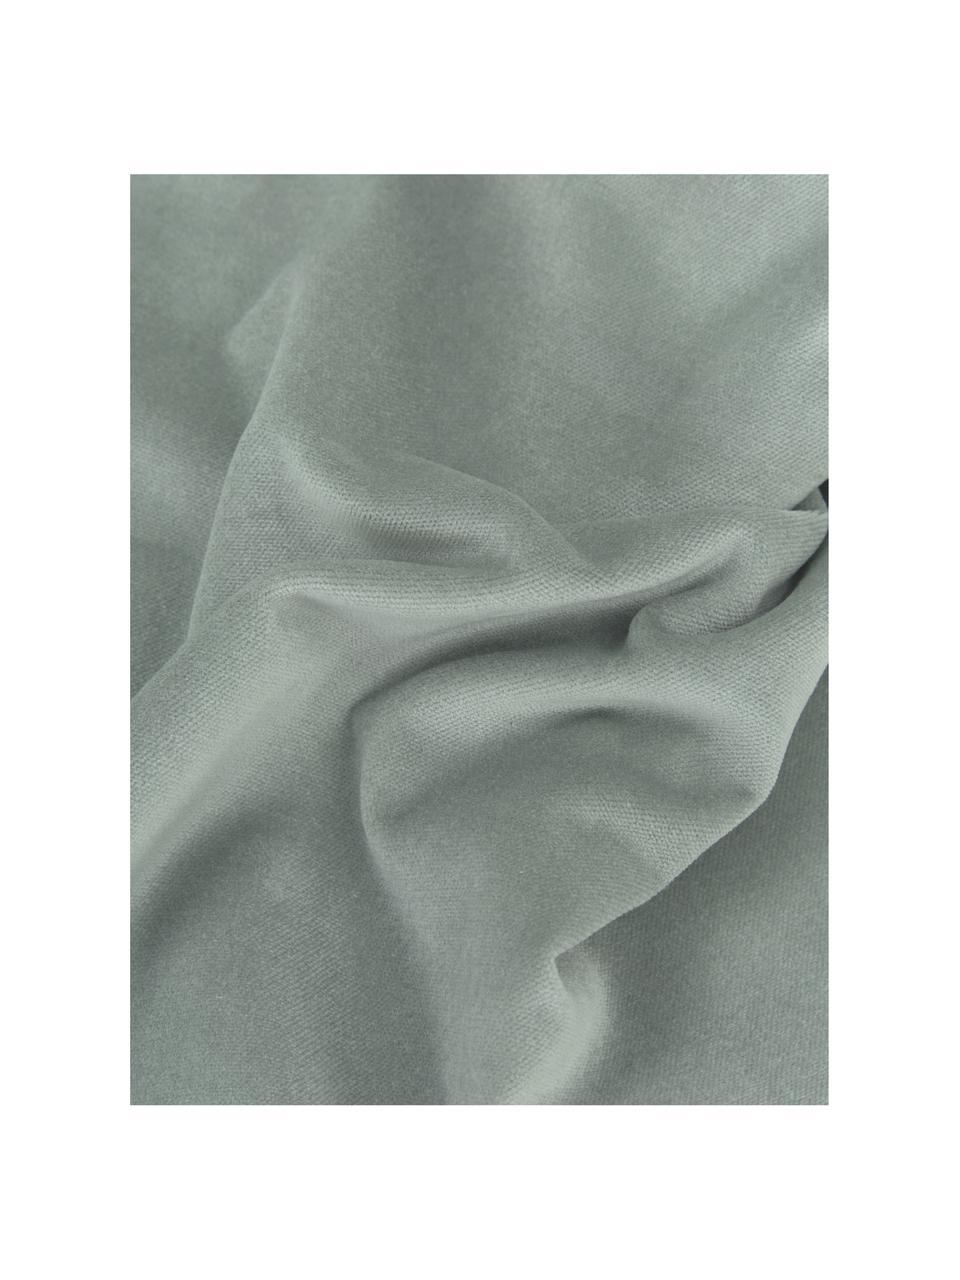 Effen fluwelen kussenhoes Dana in saliegroen, 100% katoenfluweel, Saliegroen, 50 x 50 cm